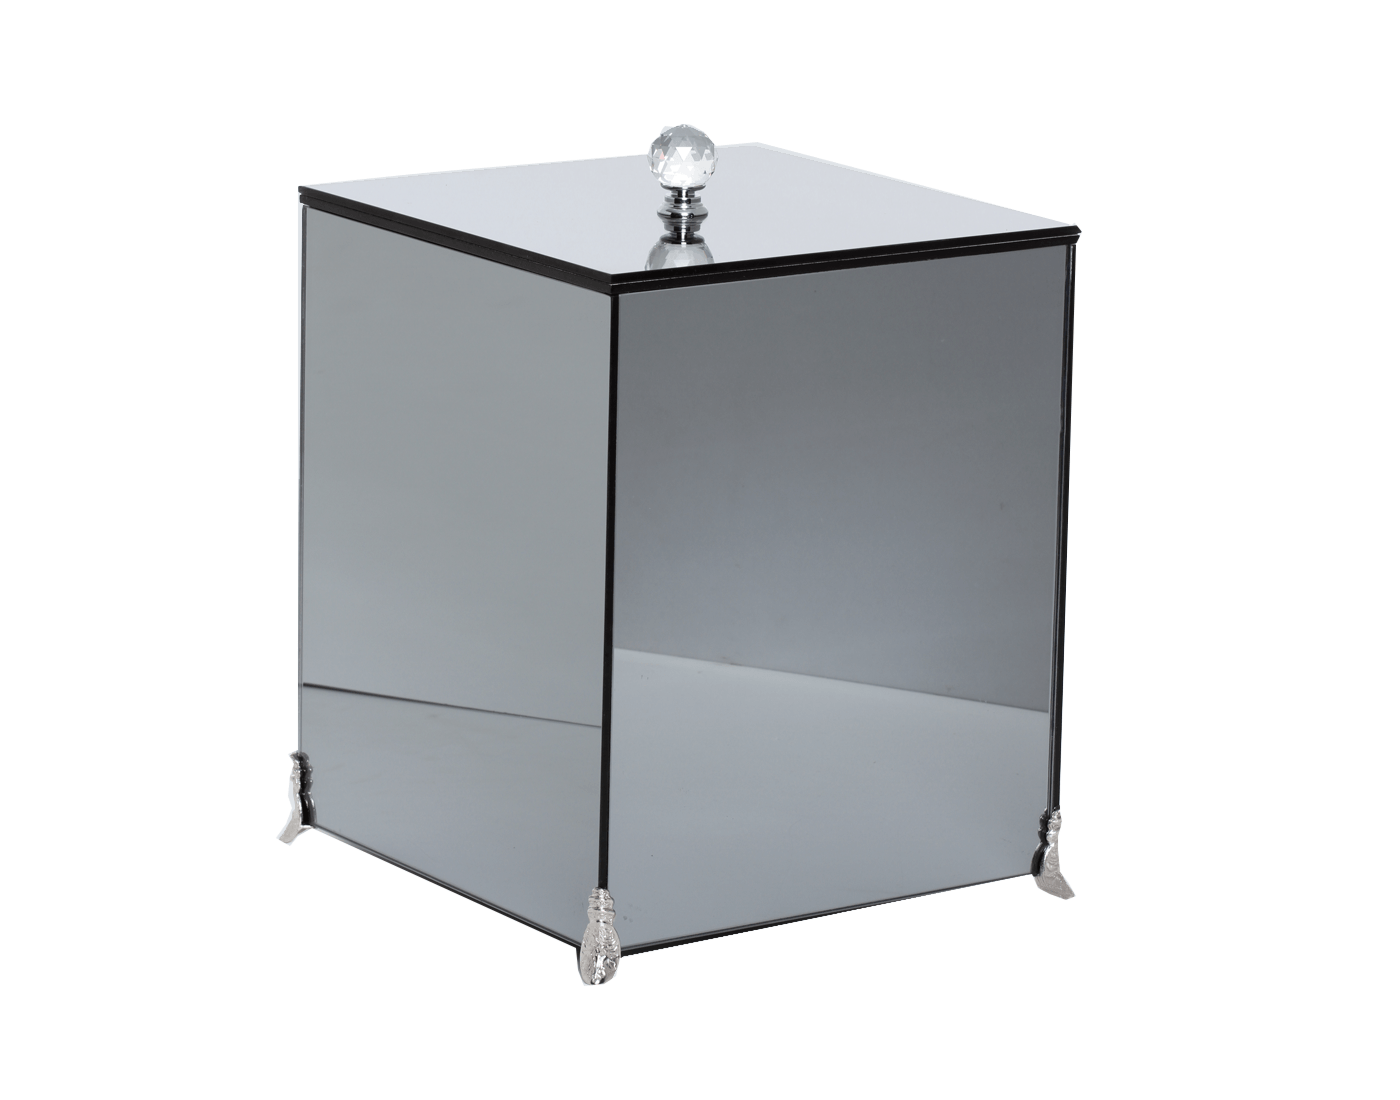 Lixeira Espelhada Fumê Lavabo Puxador Cristal Pés Metálicos CR Vidros